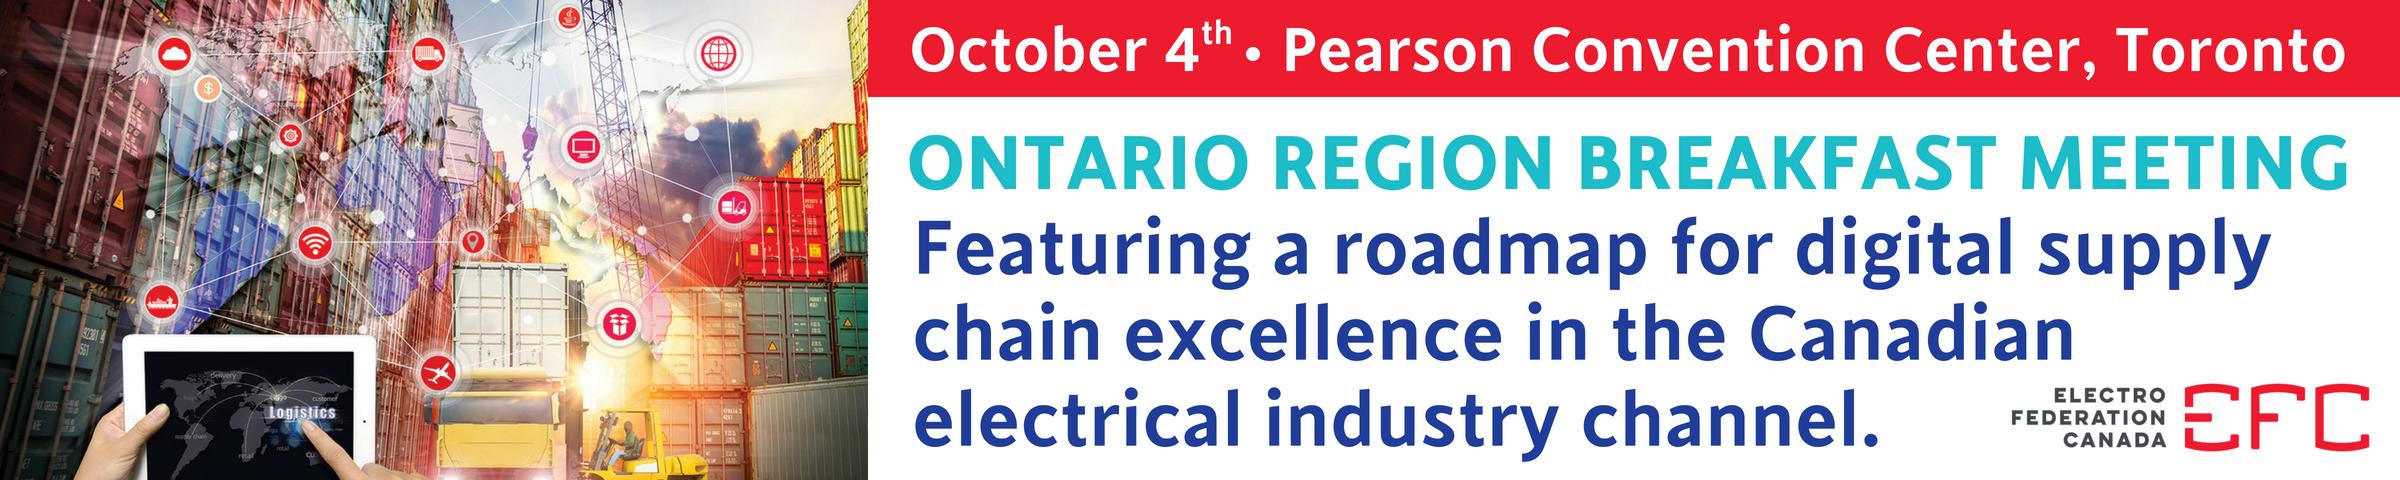 EFC Ontario Region Breakfast Presentation - October 4, 2018